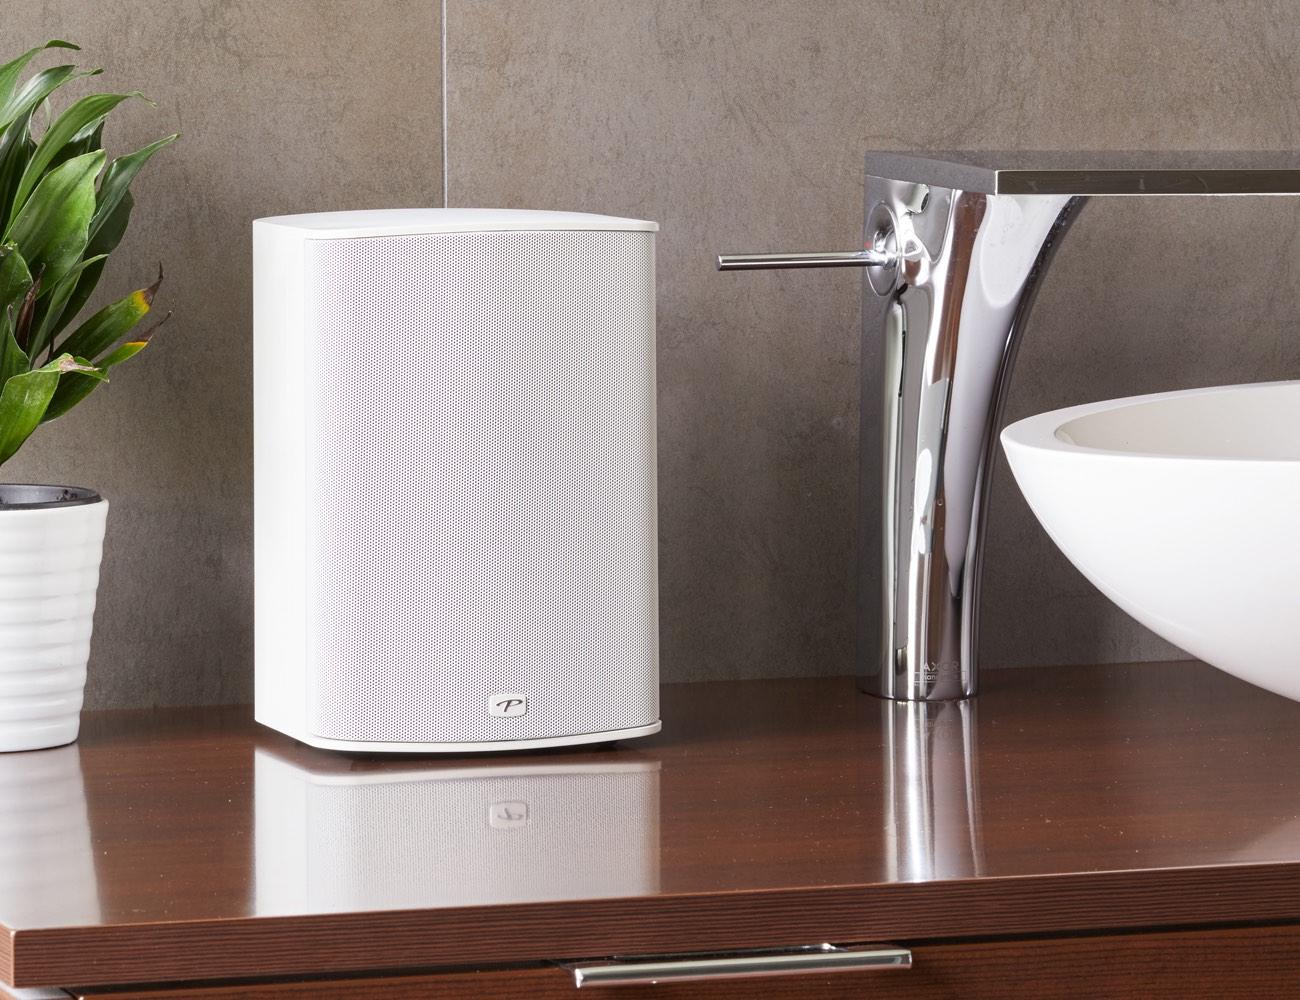 Paradigm Premium Wireless 300 Compact Speaker